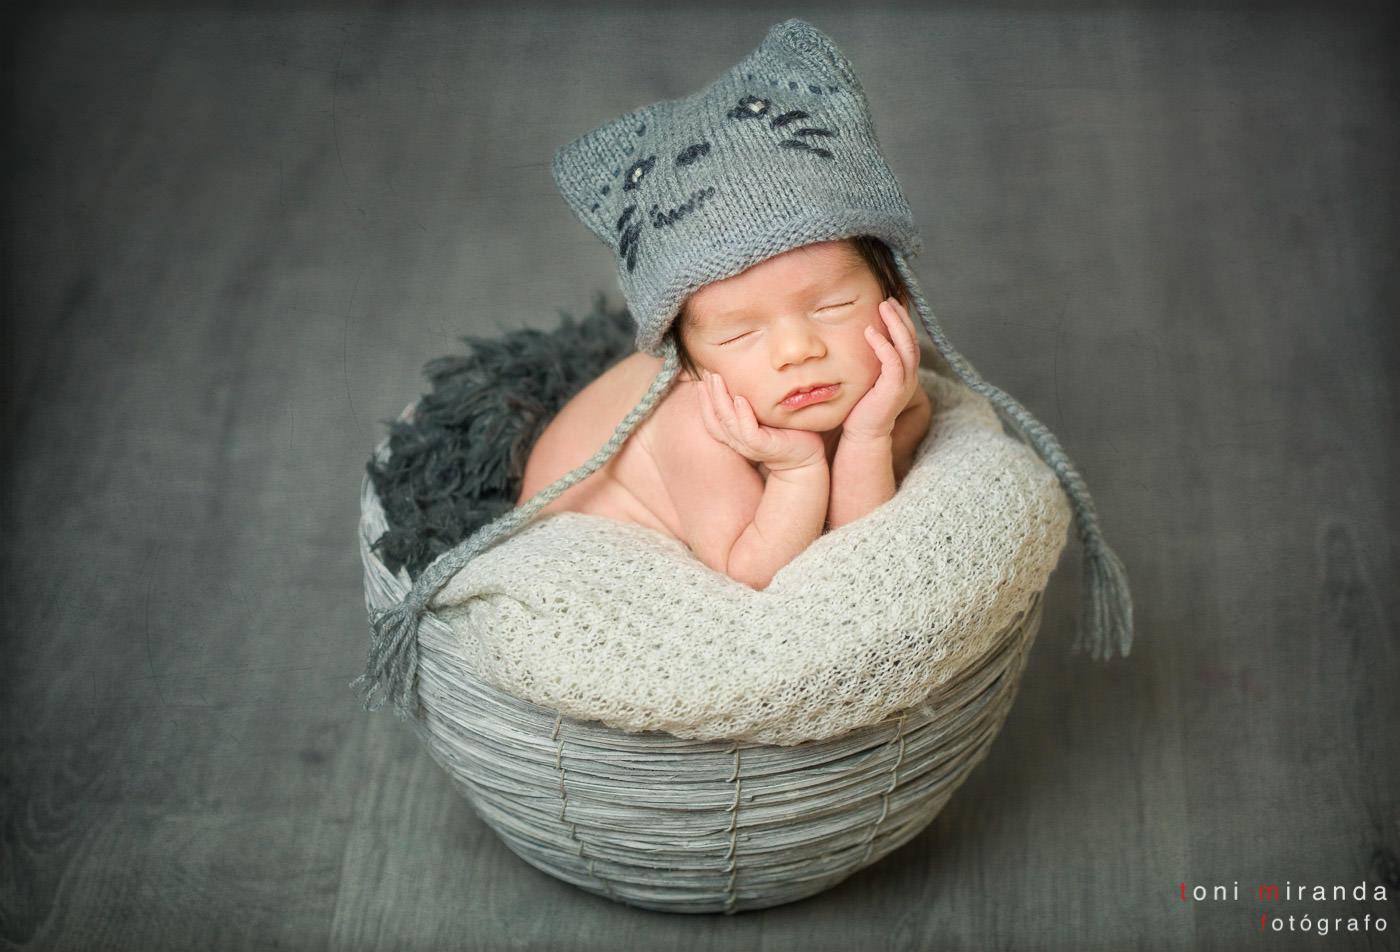 bebe recién nacido en cestita con gorrito de gatito